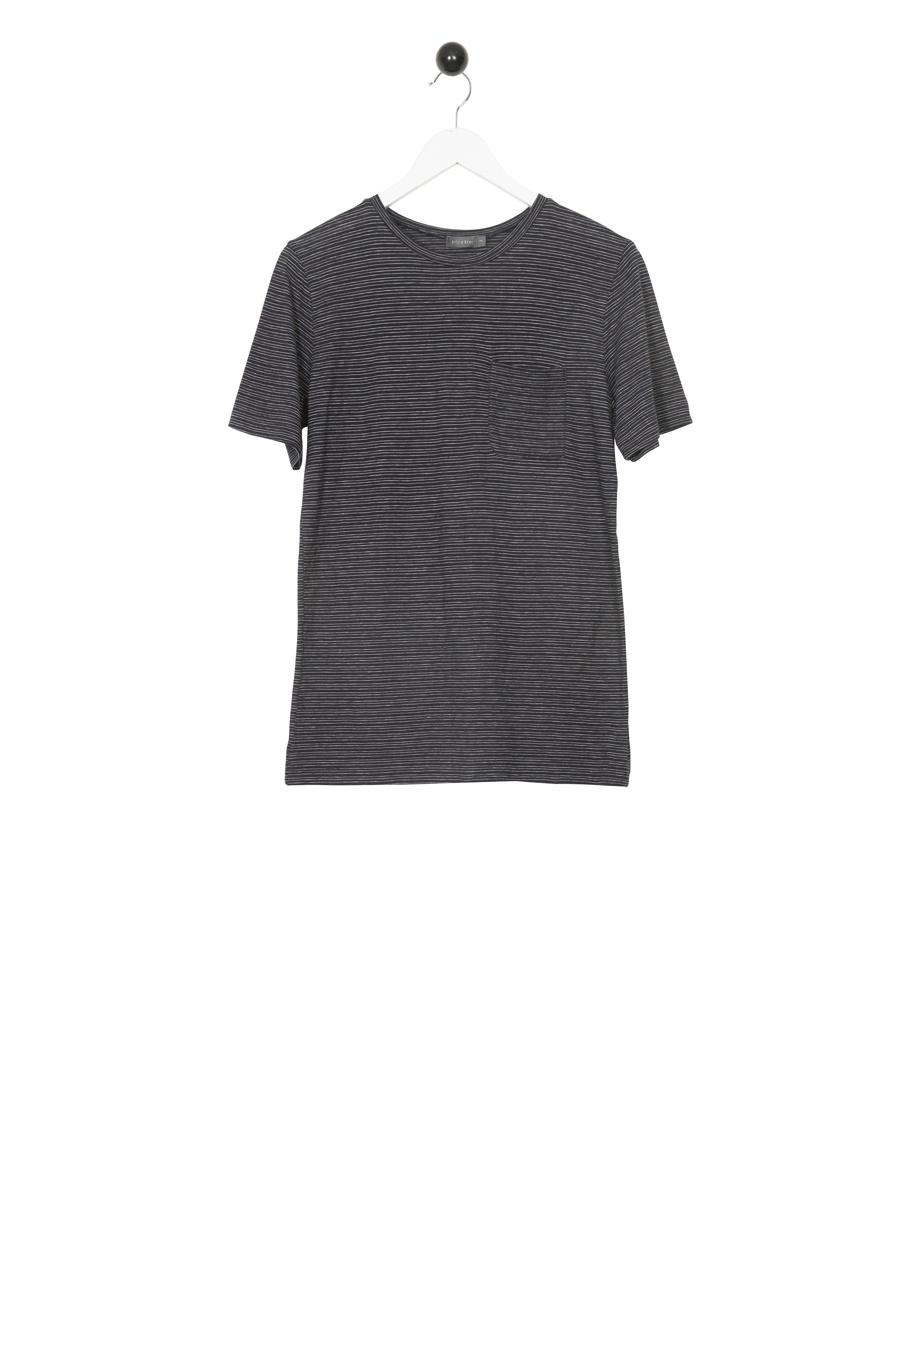 Return Mejram T-Shirt